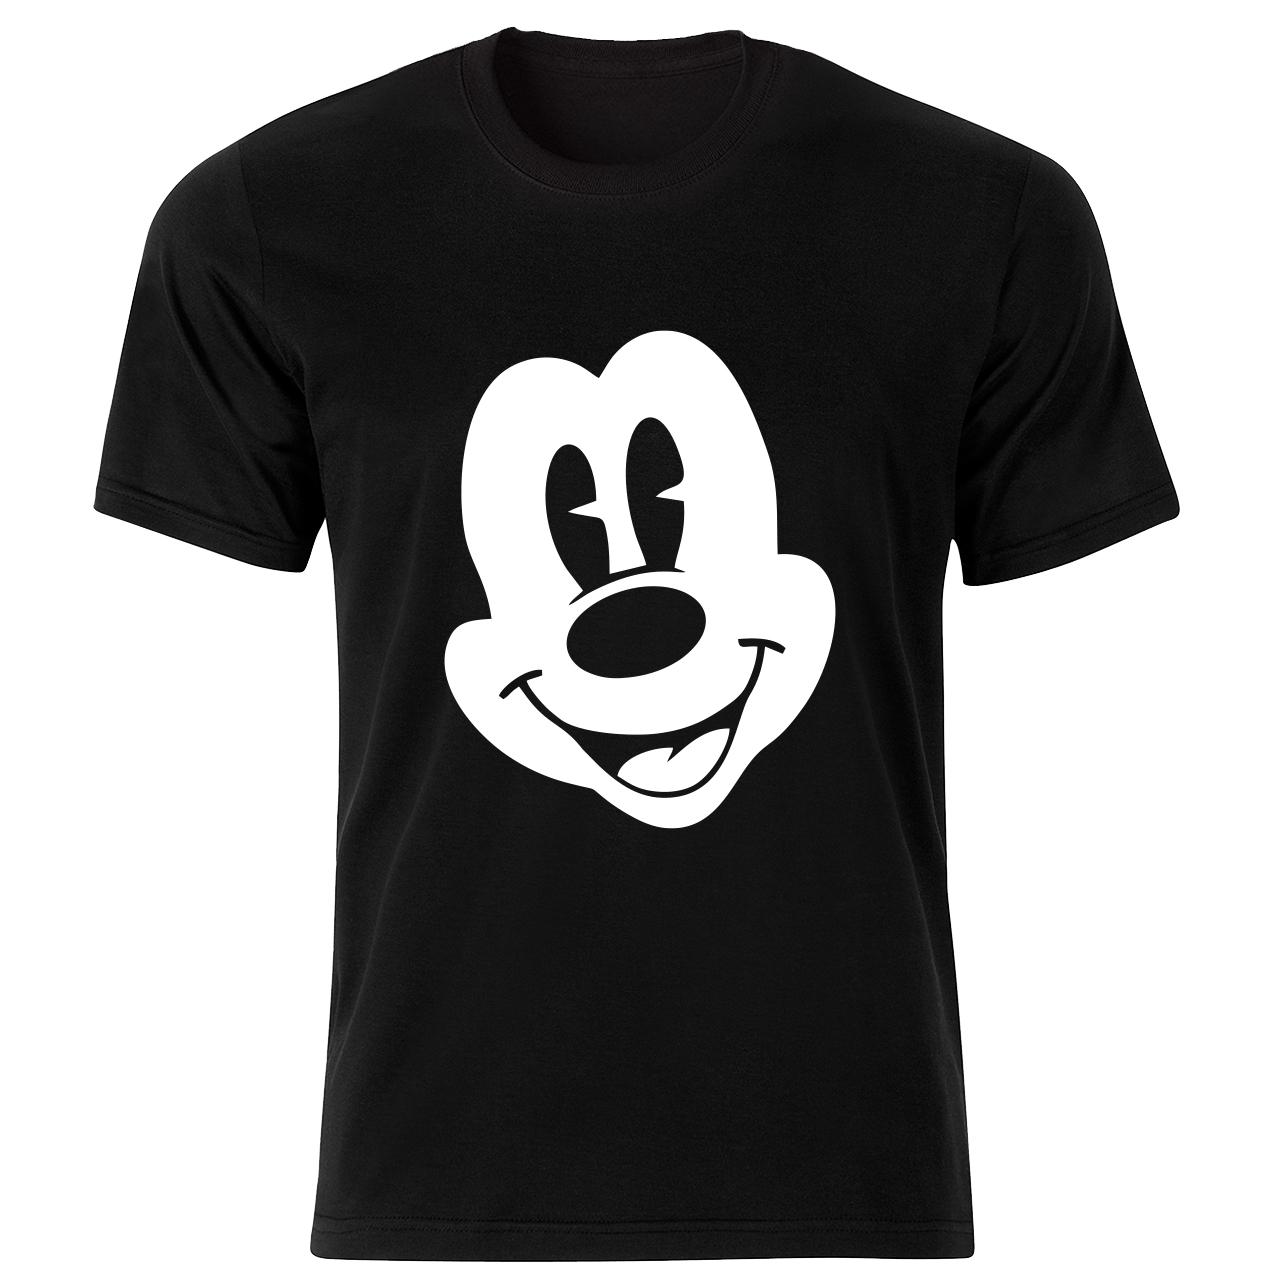 تی شرت آستین کوتاه مردانه طرح میکی موس کد 34397